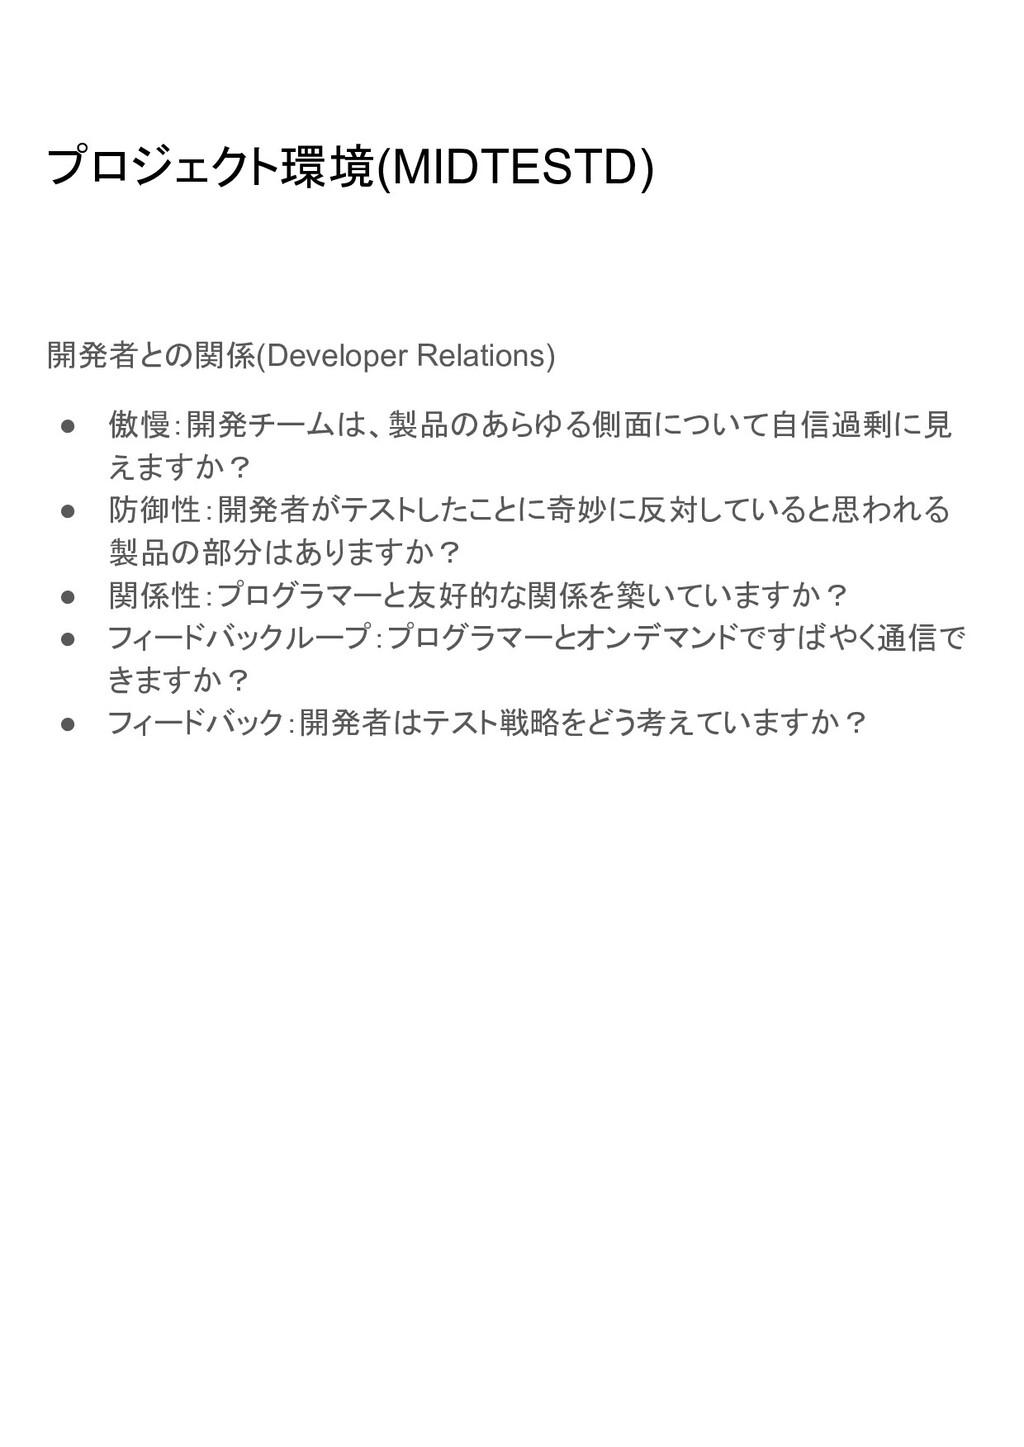 プロジェクト環境(MIDTESTD) 開発者との関係(Developer Relations)...